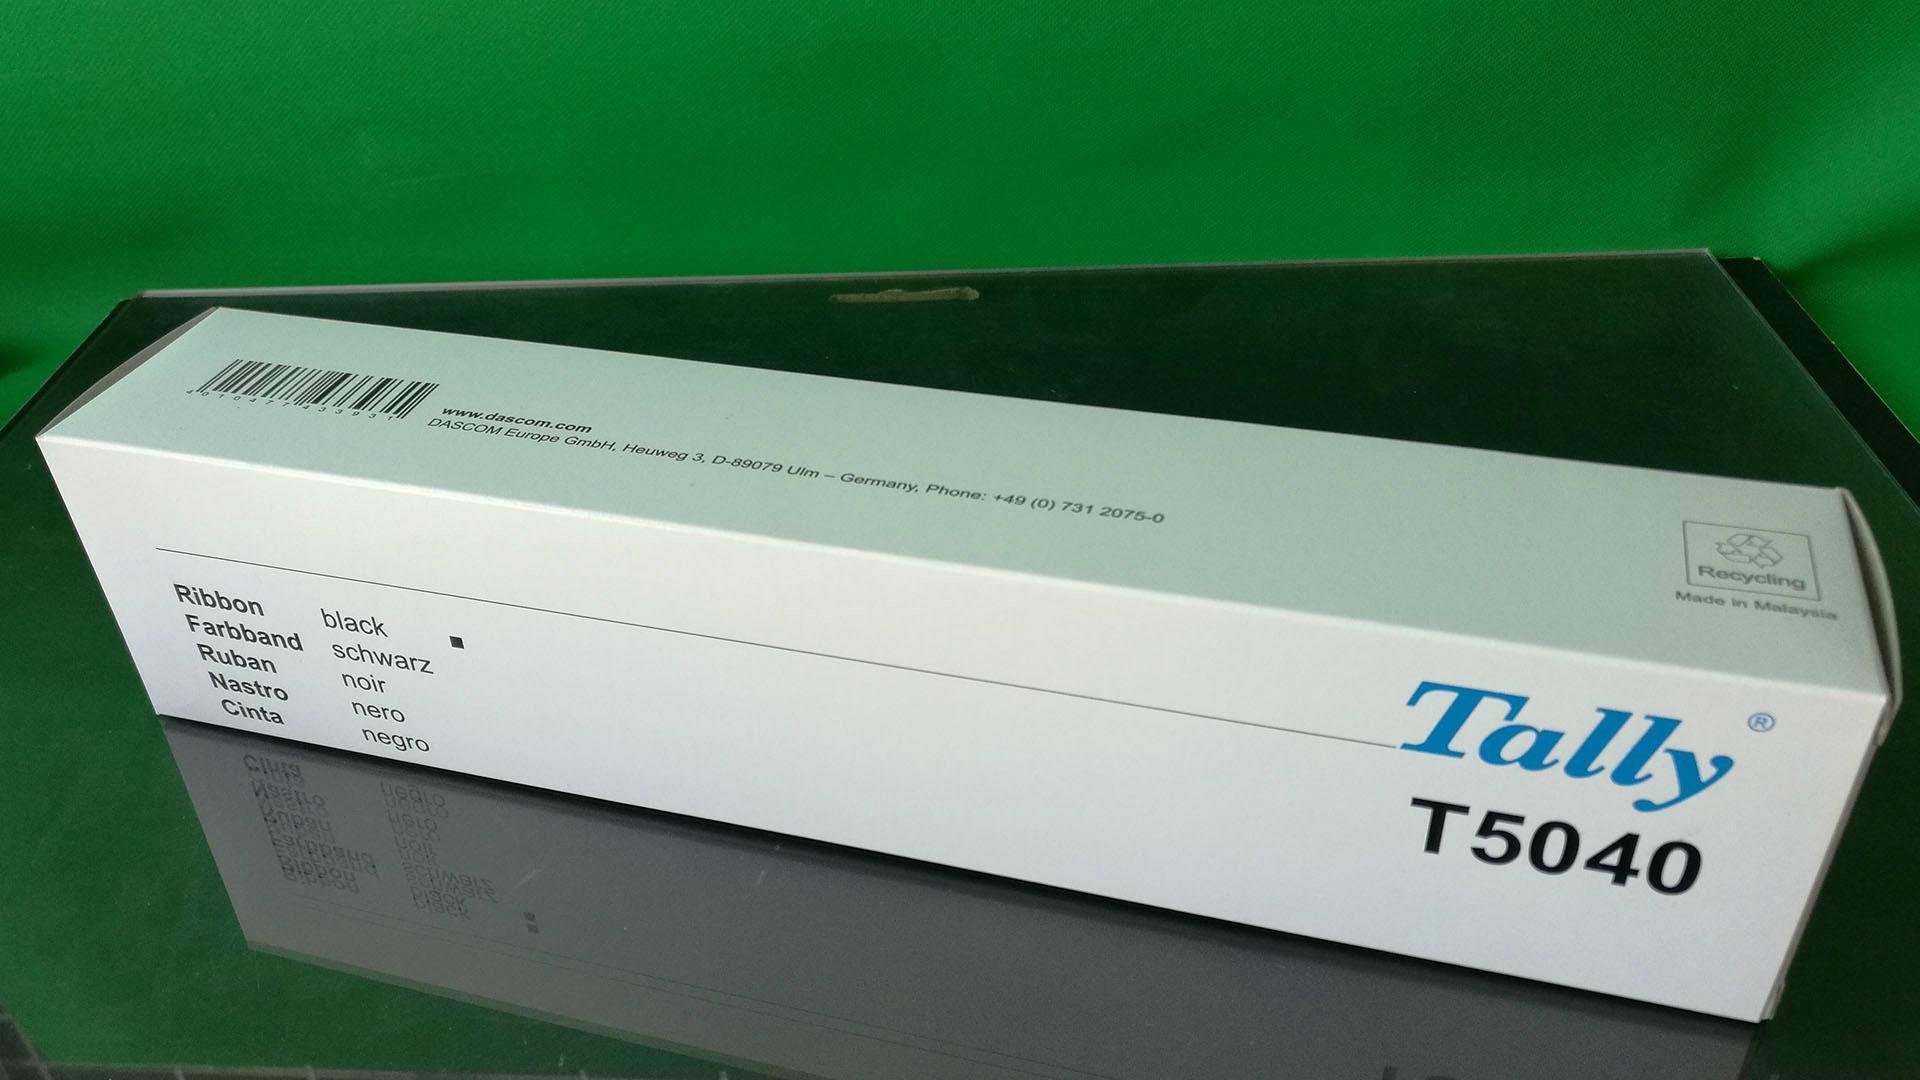 Tally T5040,TallyGenicom T5040,Tally 043393 Ribbon